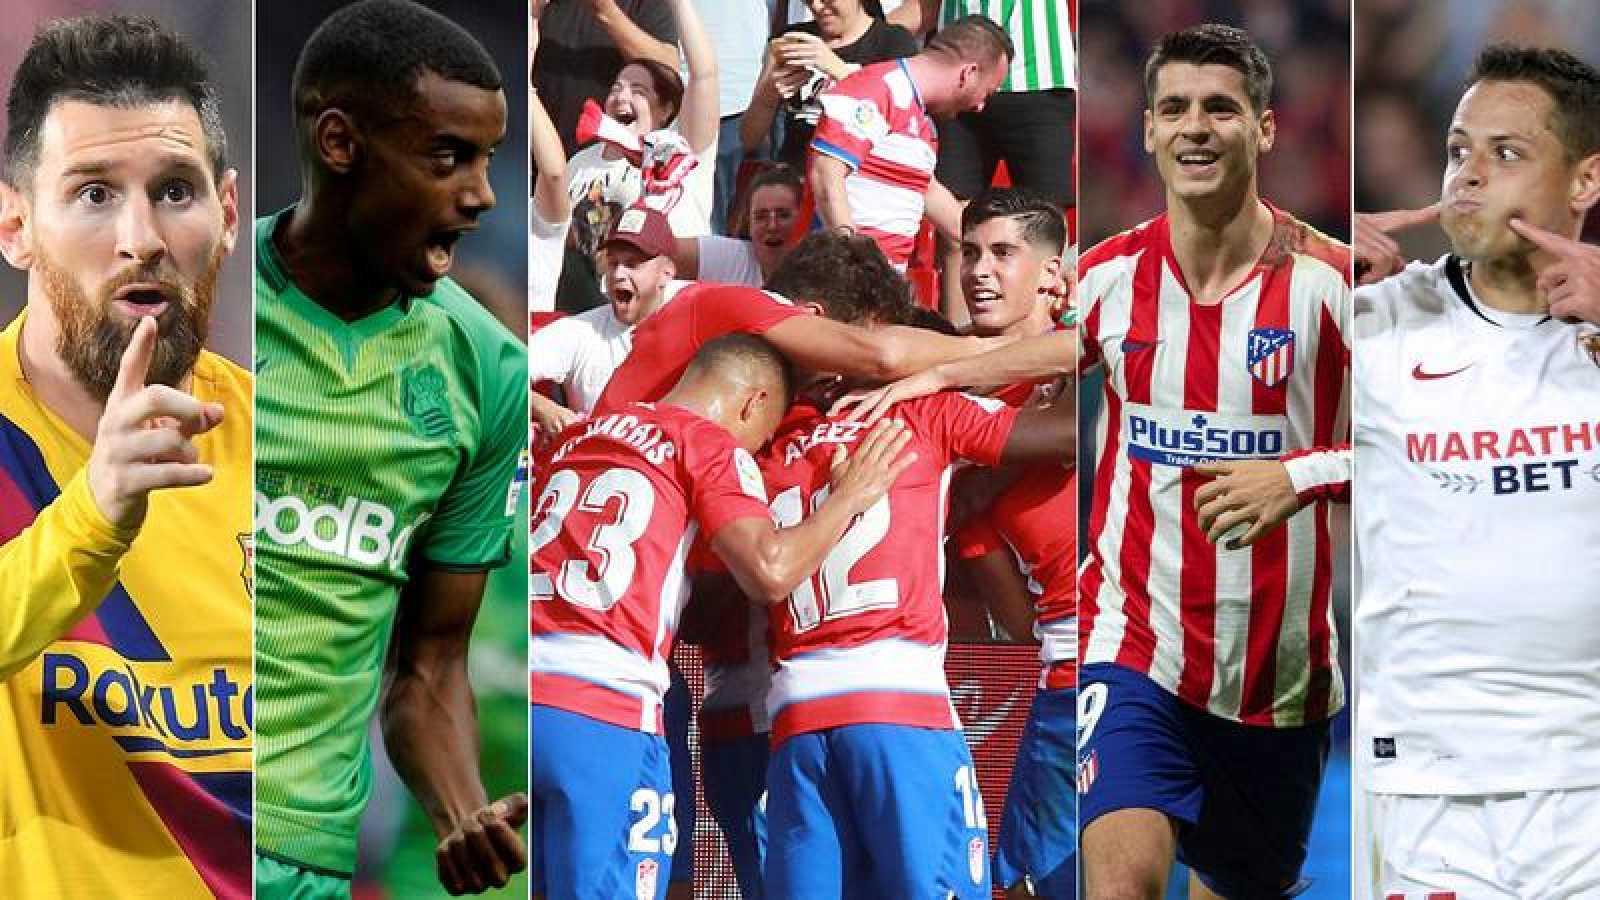 ¿Mantendrá el Granada el liderato?, claves de la jornada 11